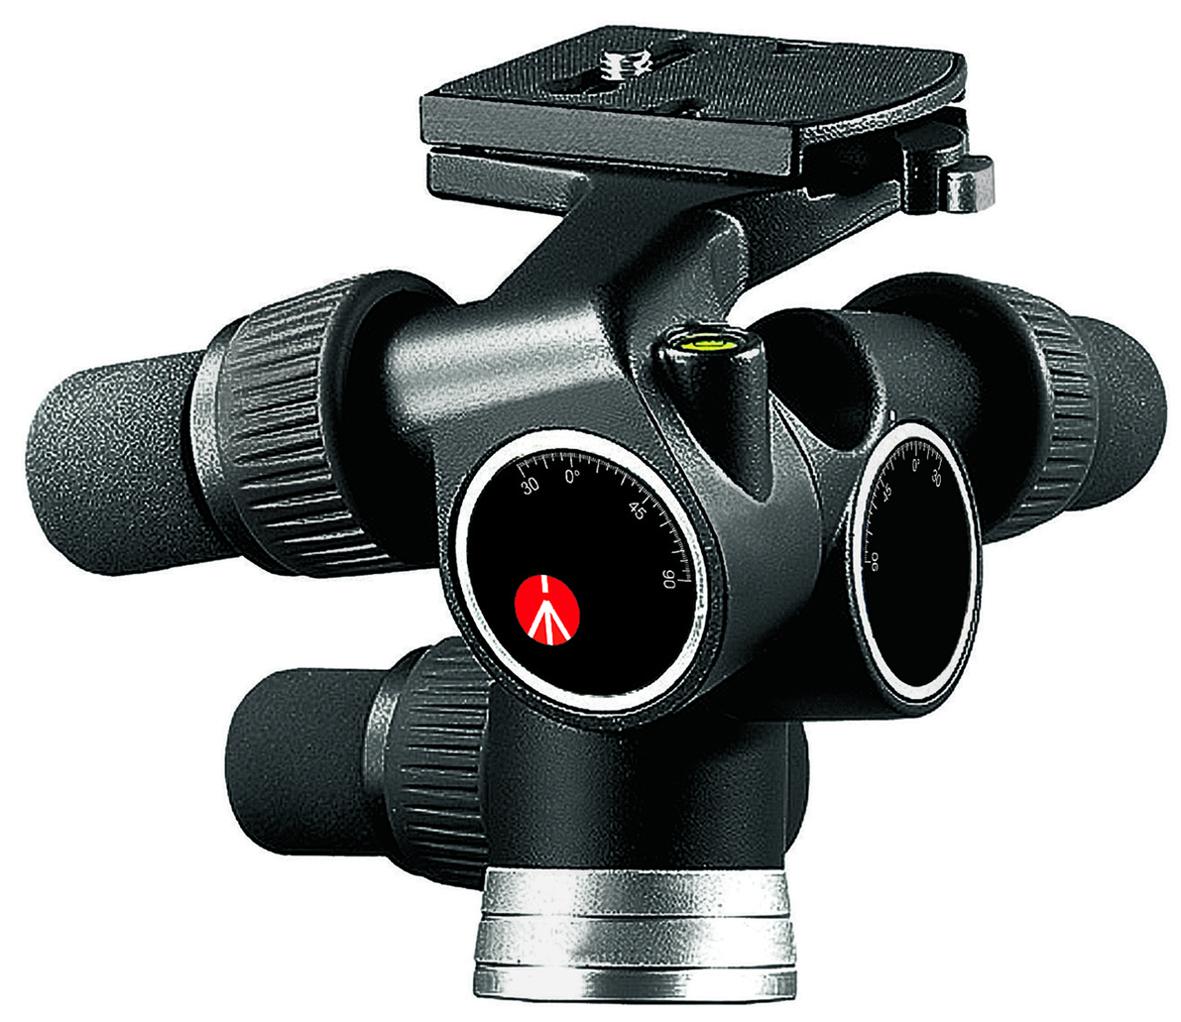 Manfrotto 405 Pro Digital 3D Getriebeneiger